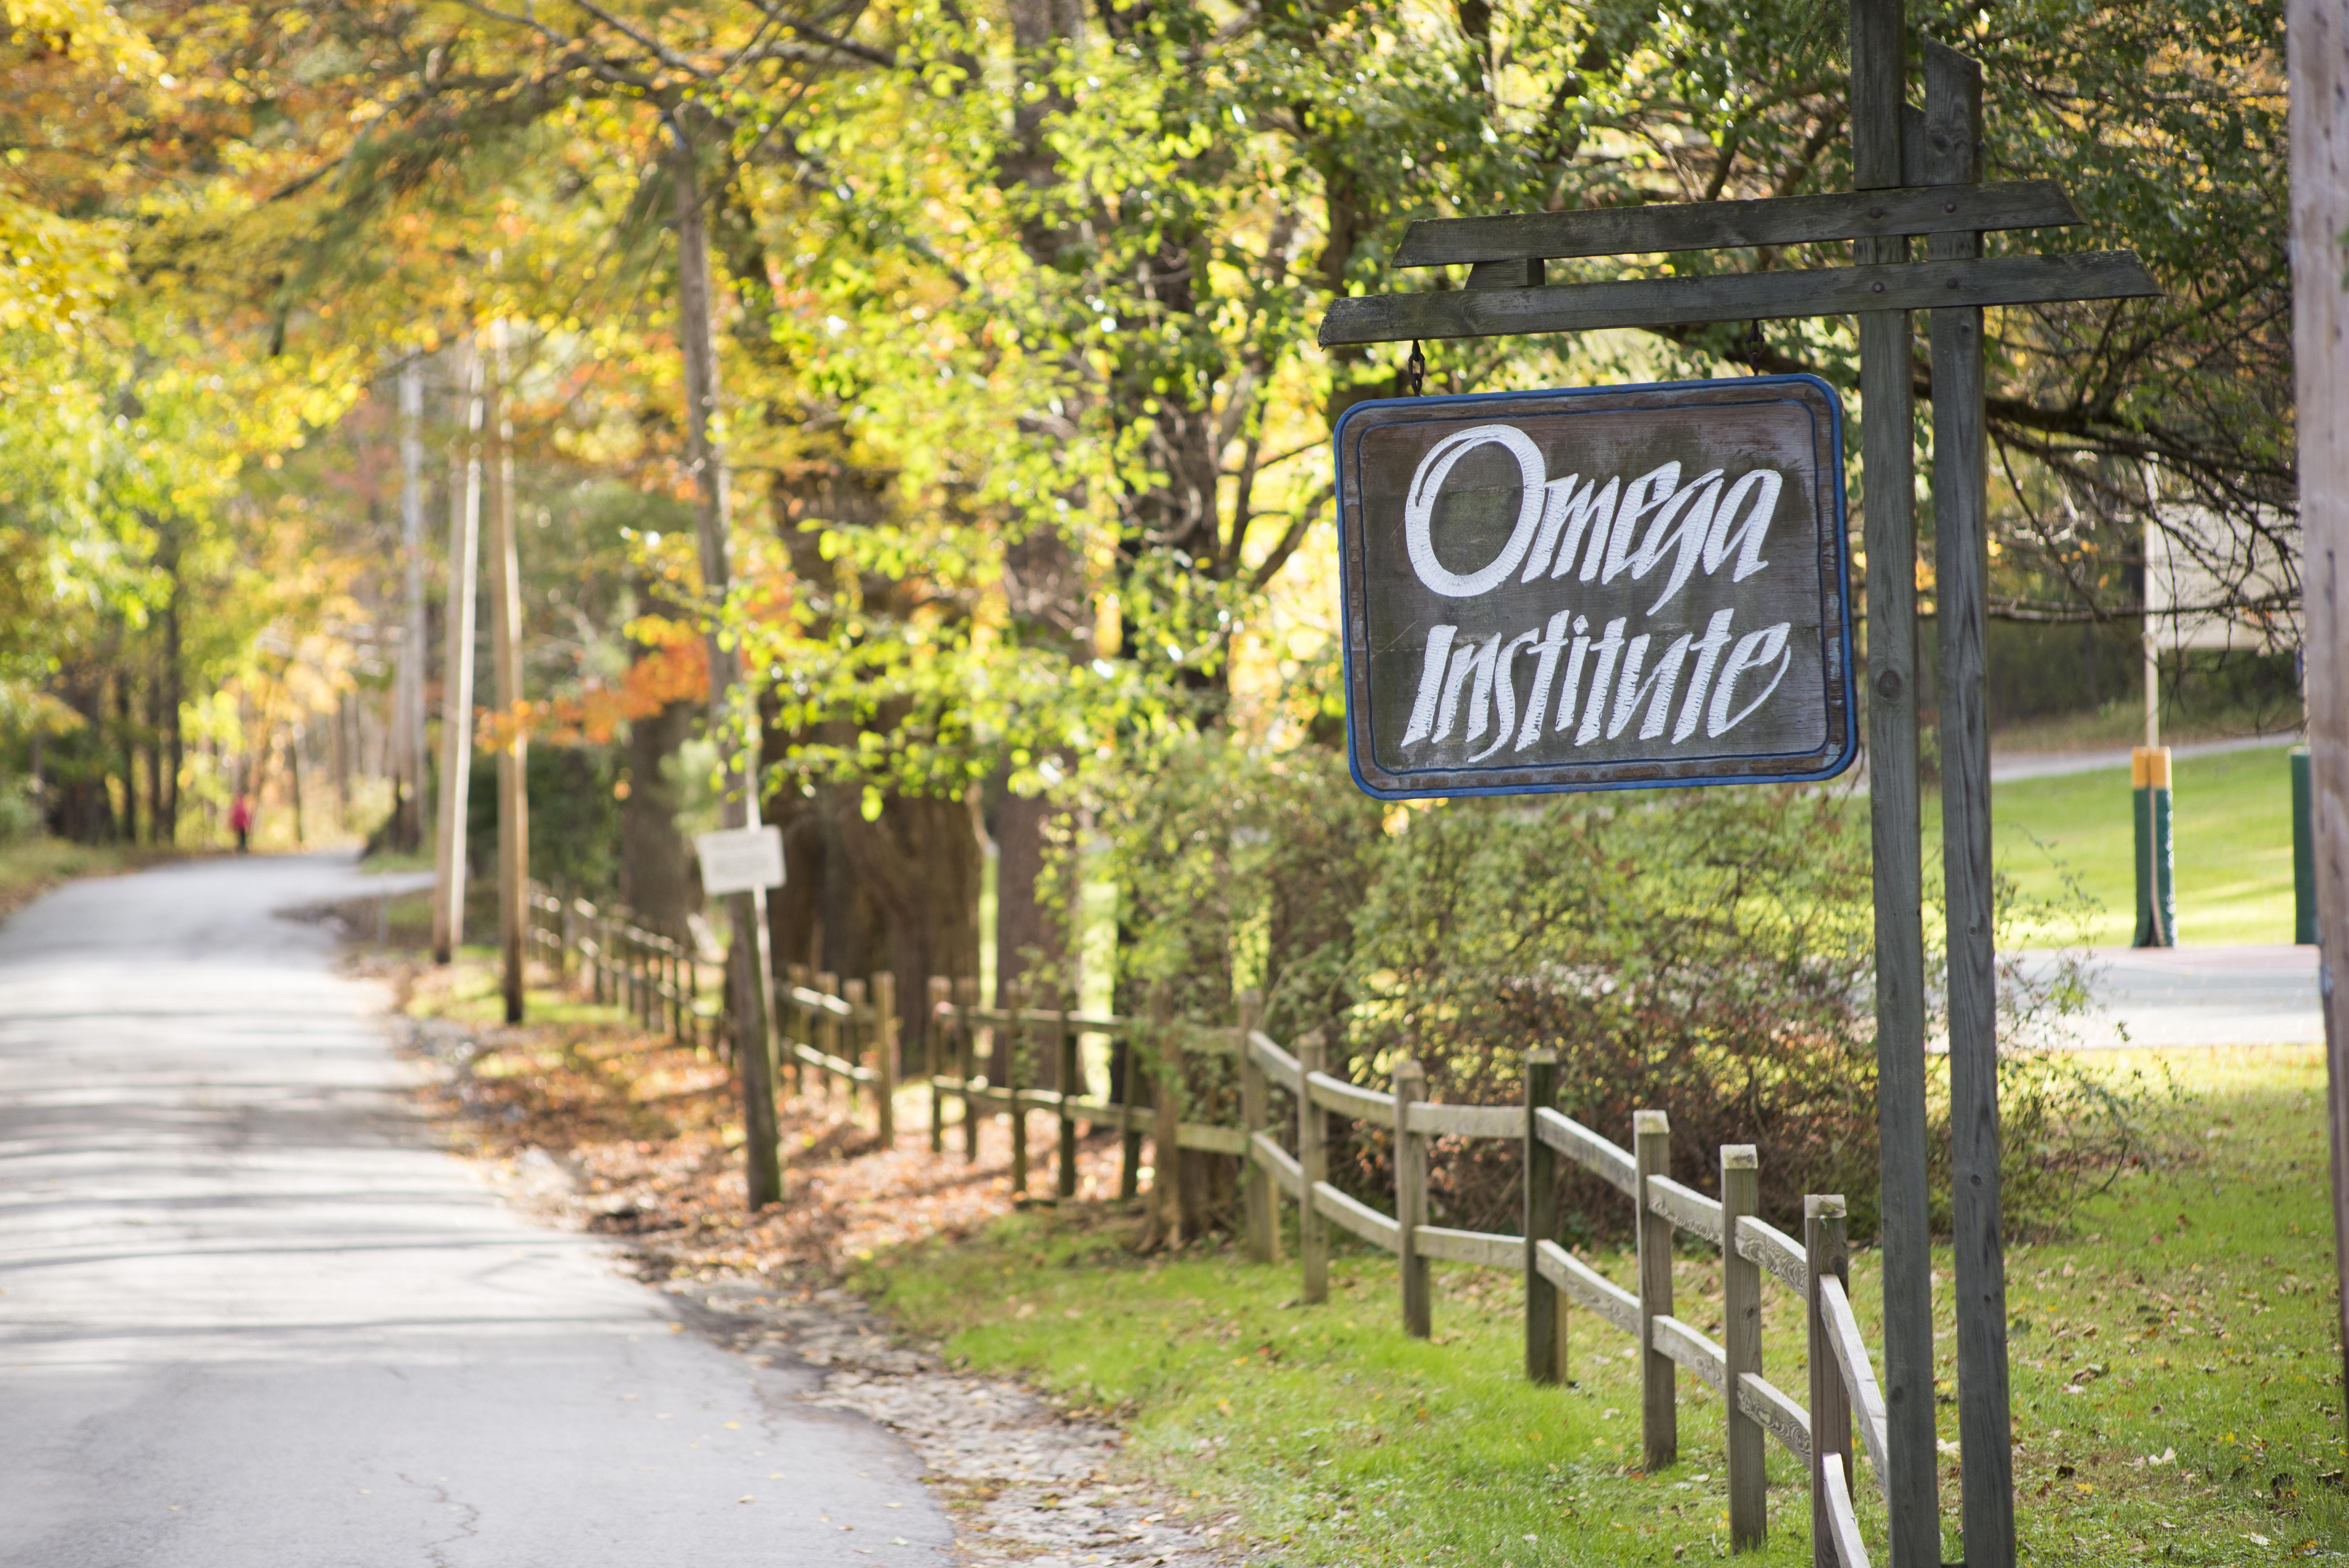 Omega Institute Little Flower Yoga